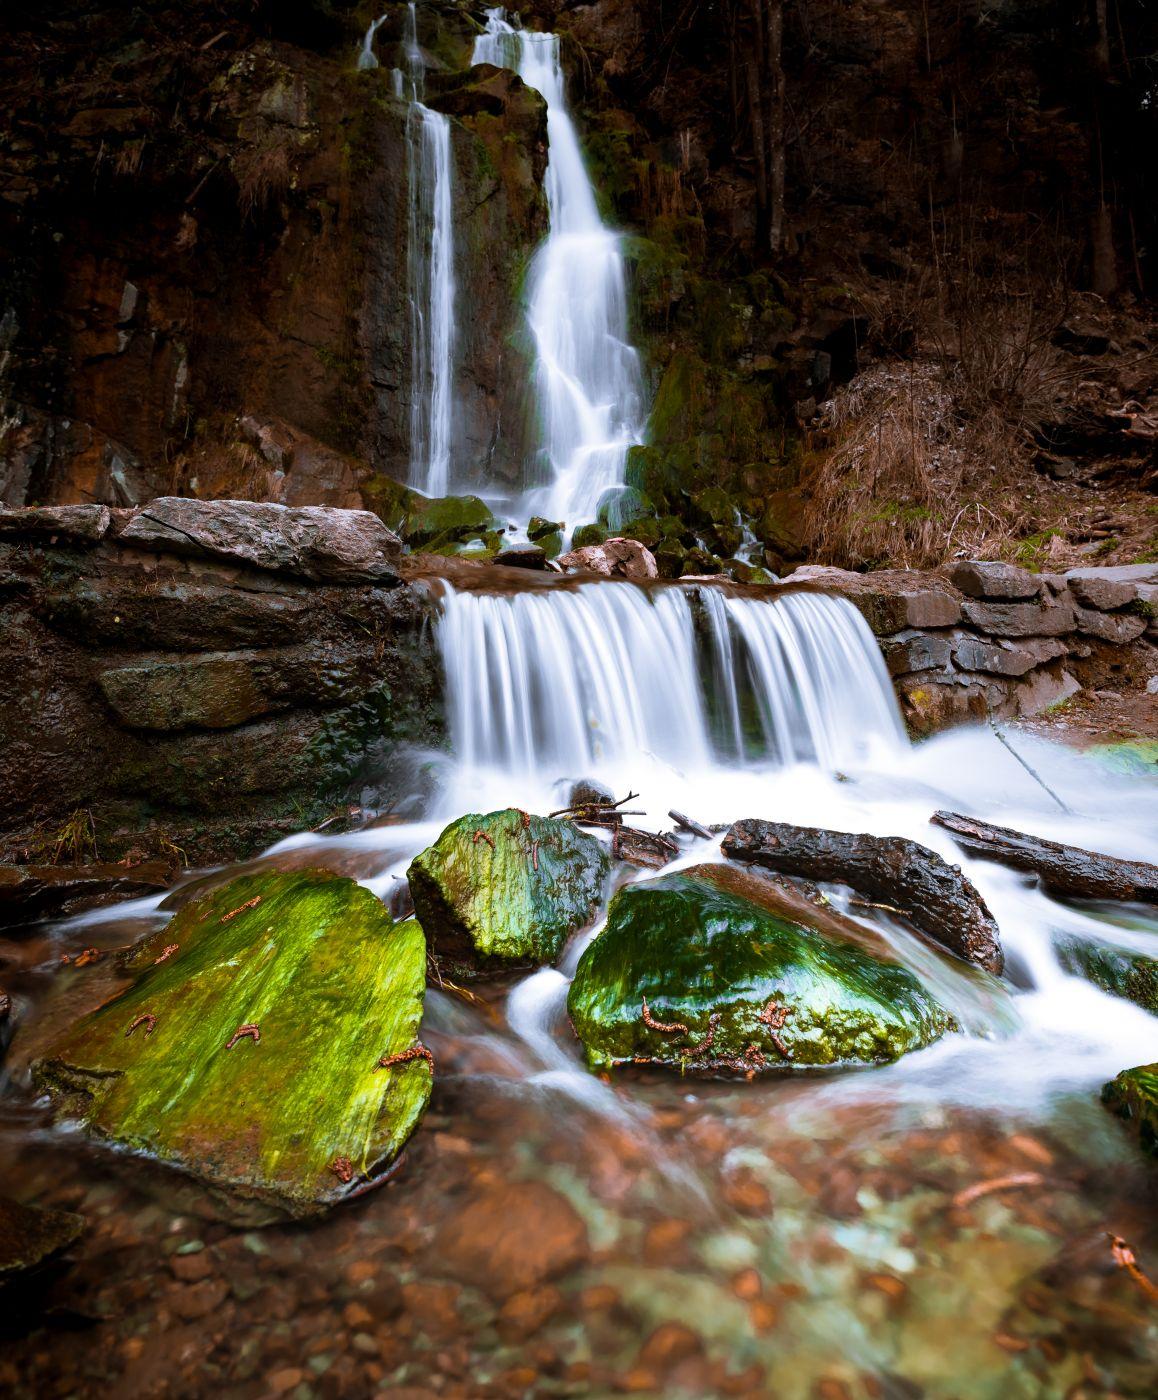 Königshütte Wasserfall, Germany